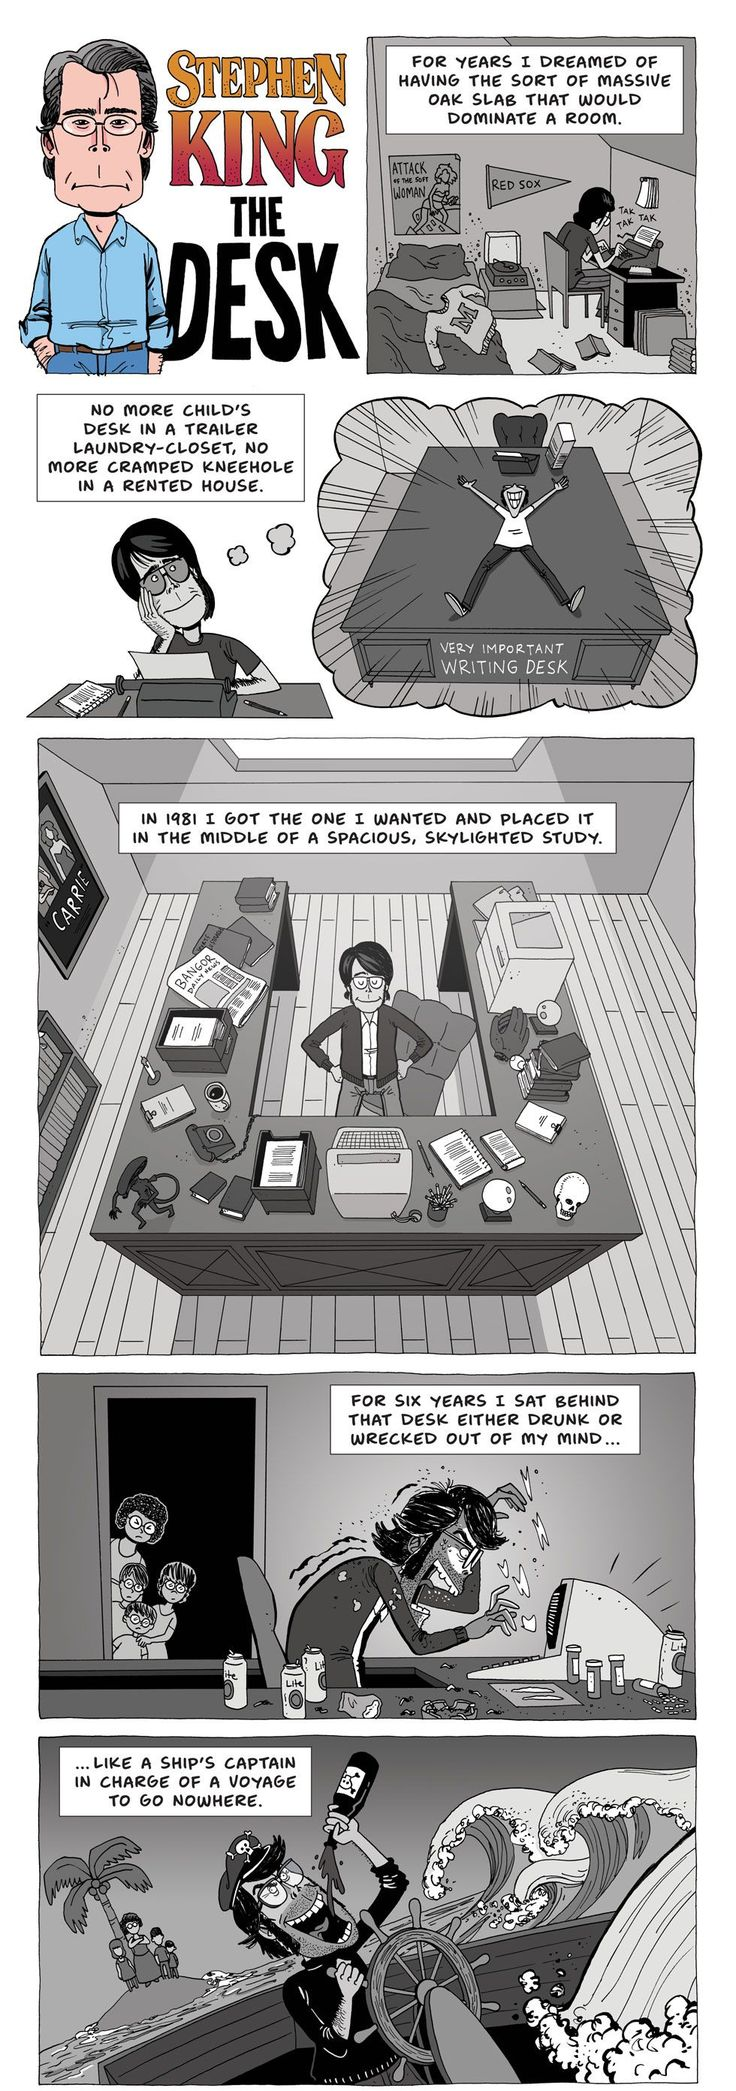 ZEN PENCILS » 207. STEPHEN KING: The desk